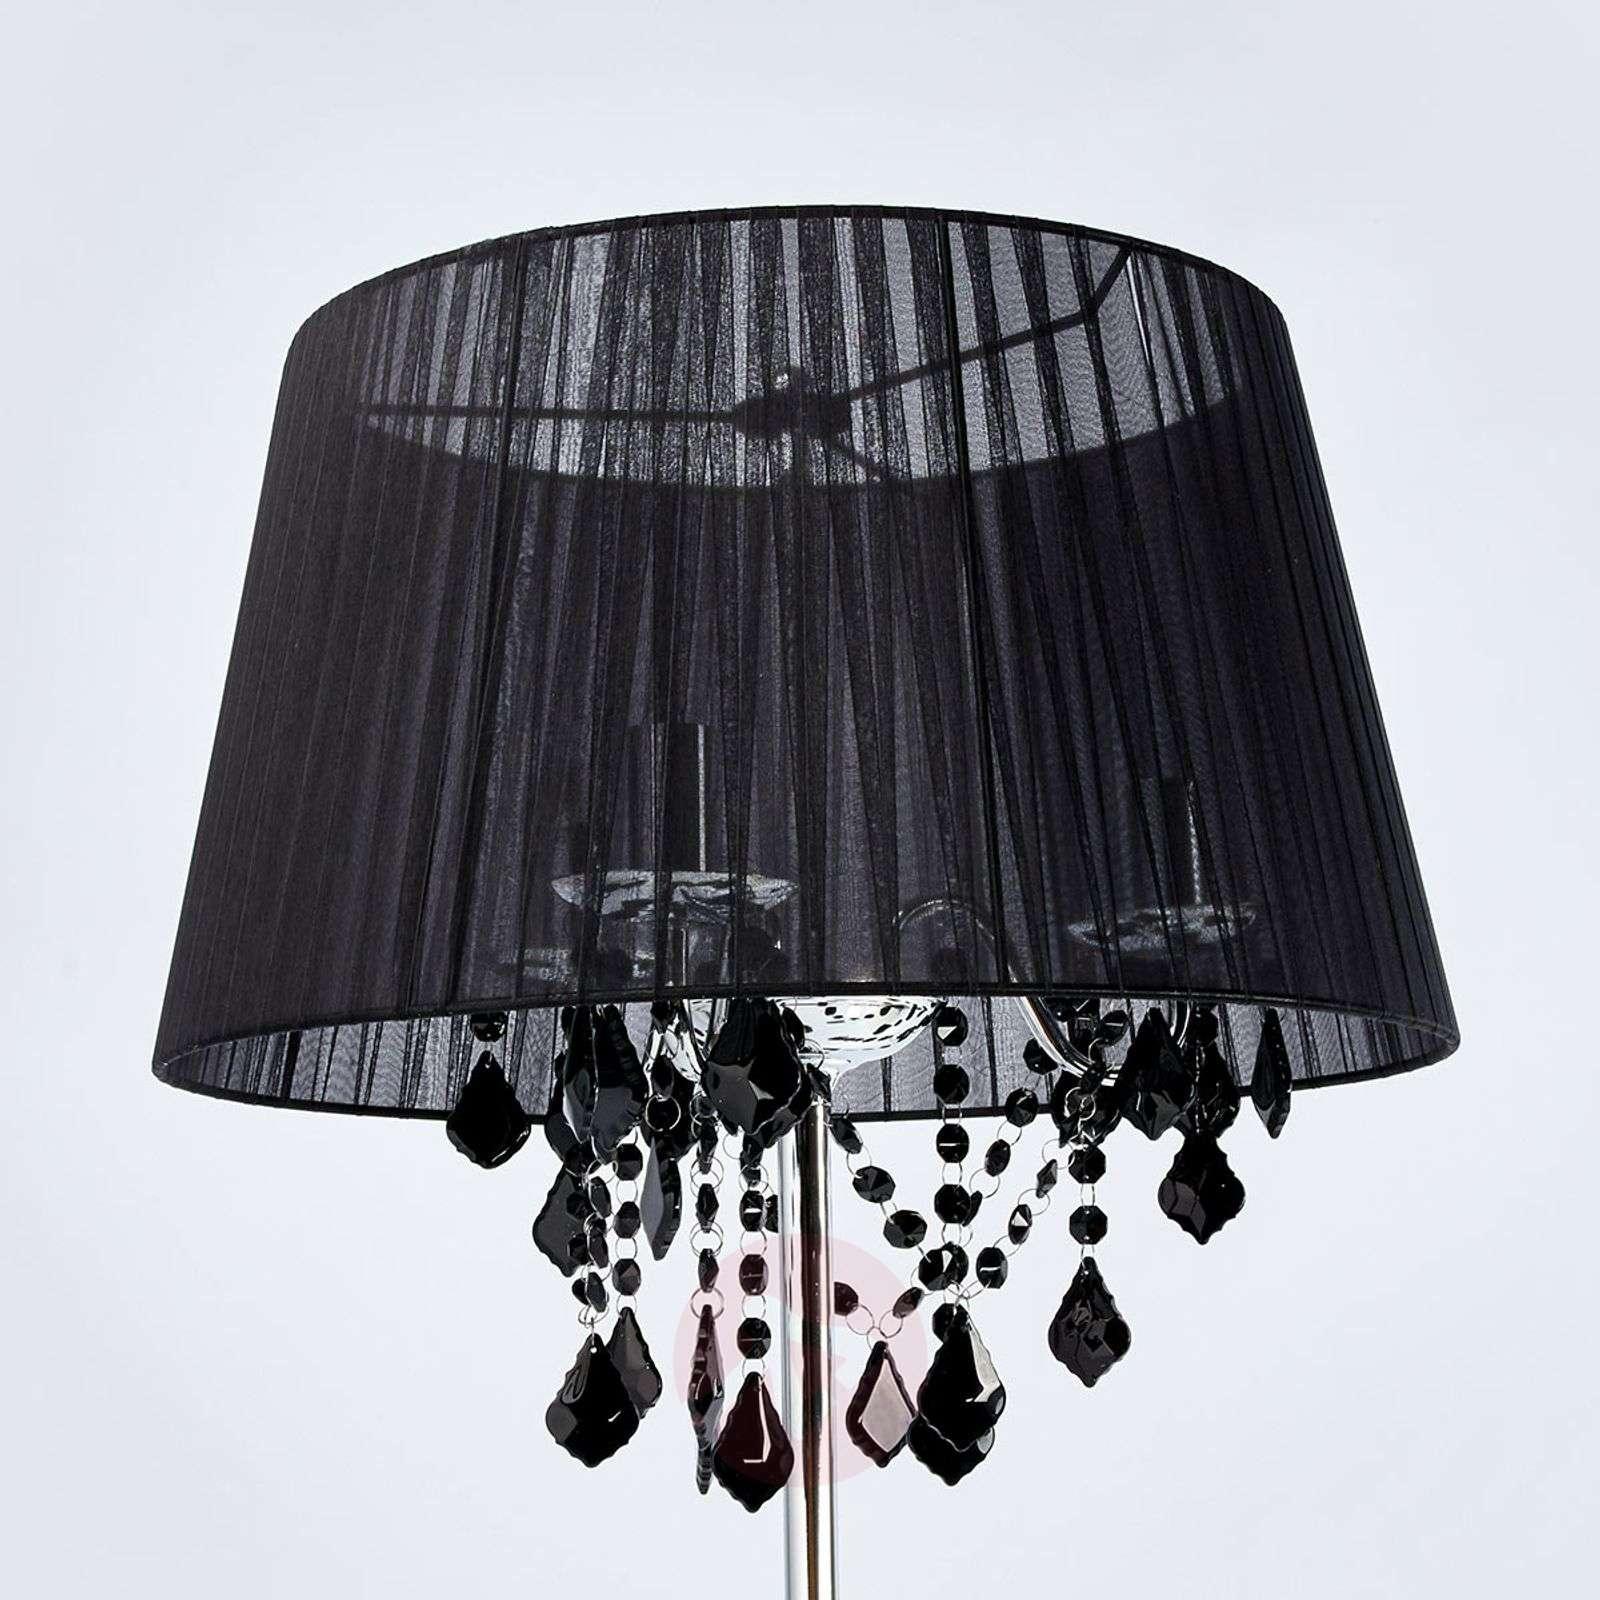 Lattiavalaisin Inaya musta tekstiilivarjostin-4018126-02